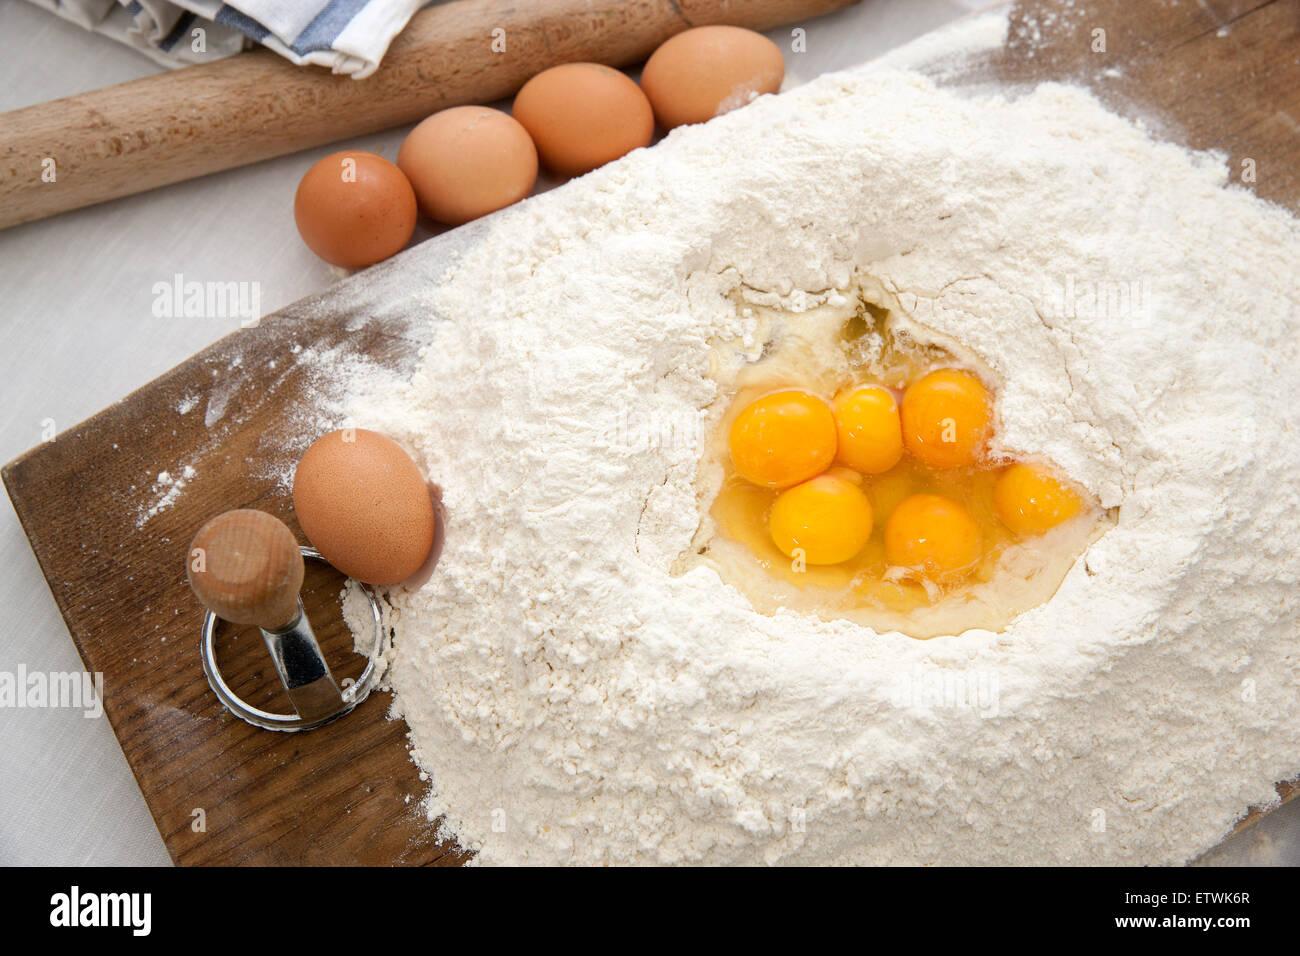 Las pastas italianas, alimentos orgánicos, hechos a mano, Imagen De Stock